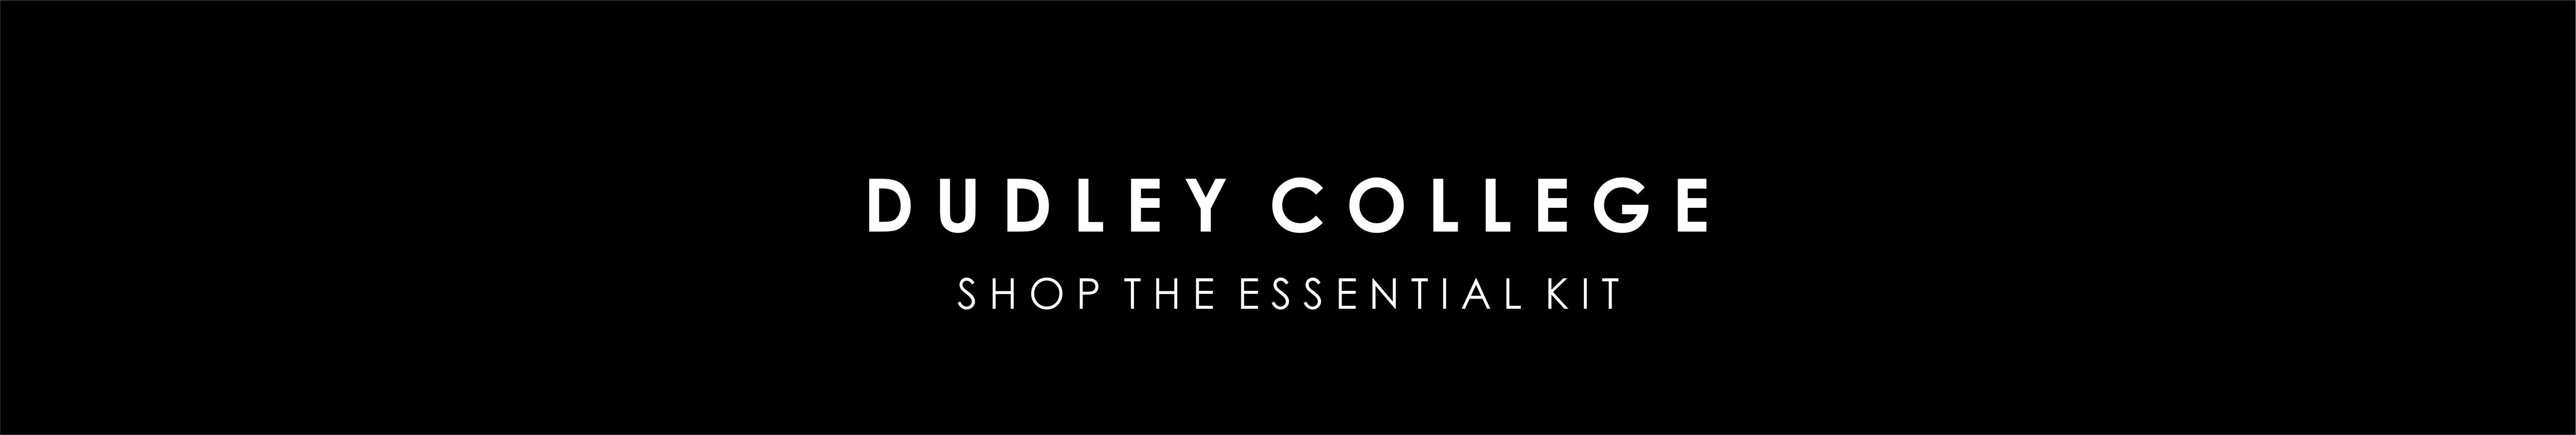 dudley-college-banner.jpg